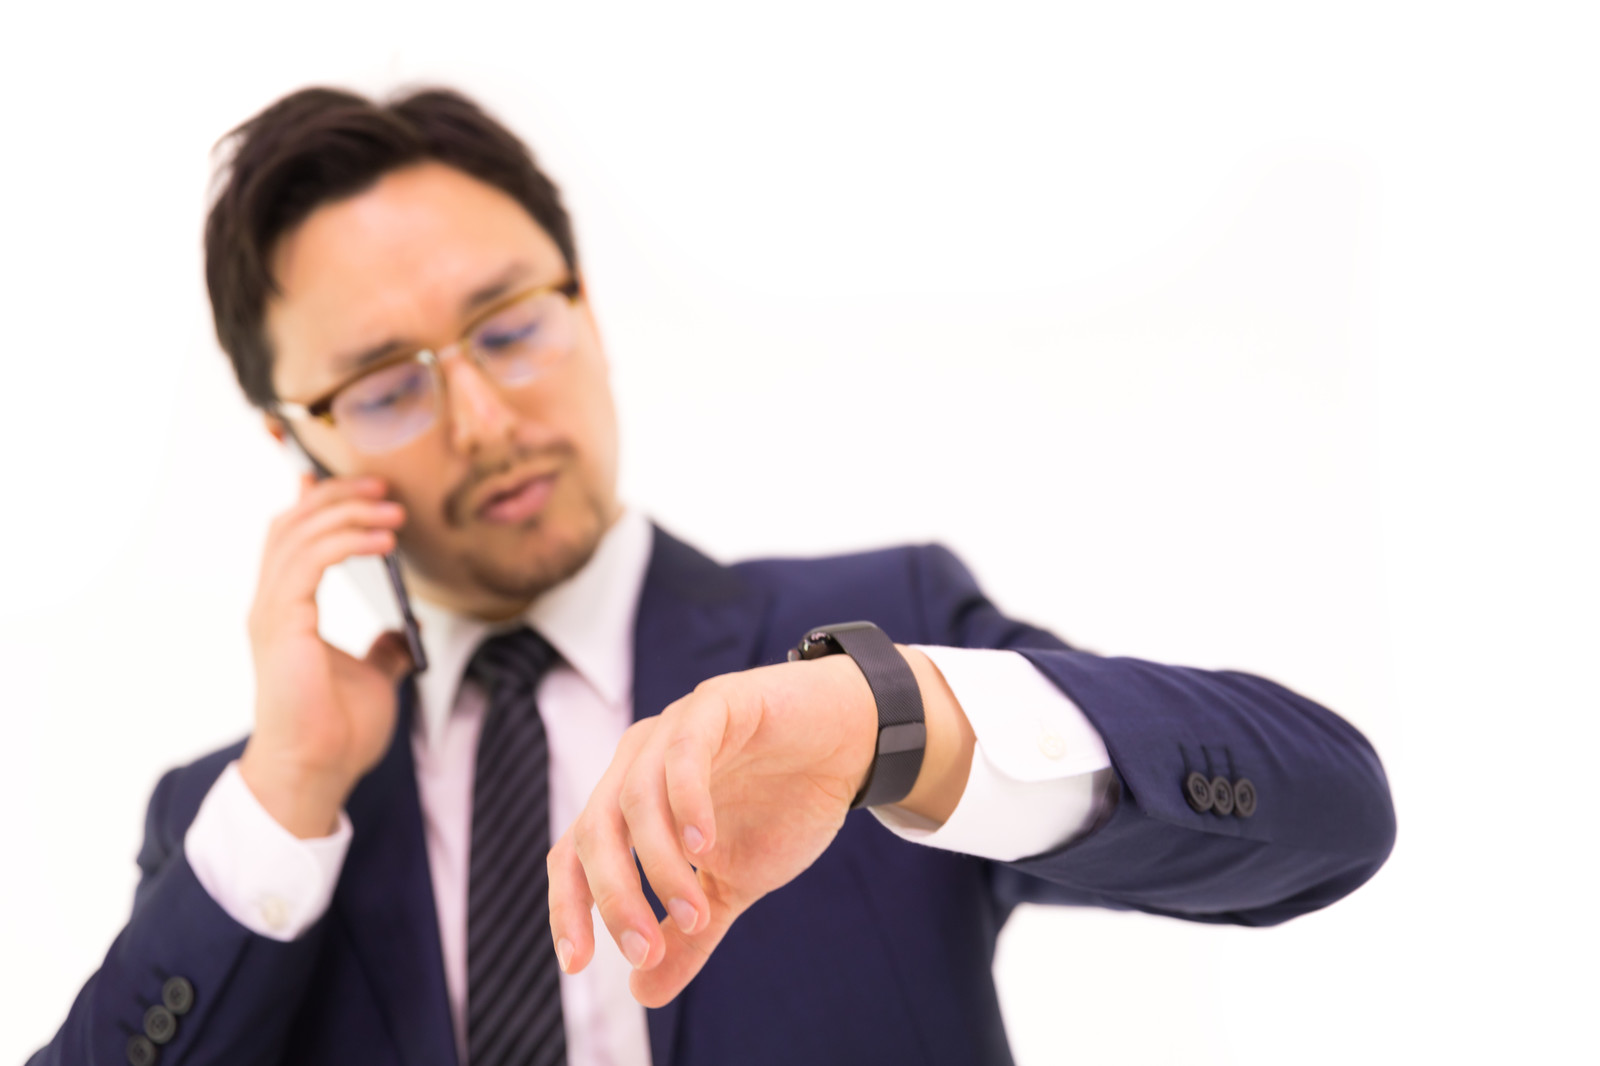 「スマートウォッチでメッセージを確認する外資系社員」の写真[モデル:Max_Ezaki]